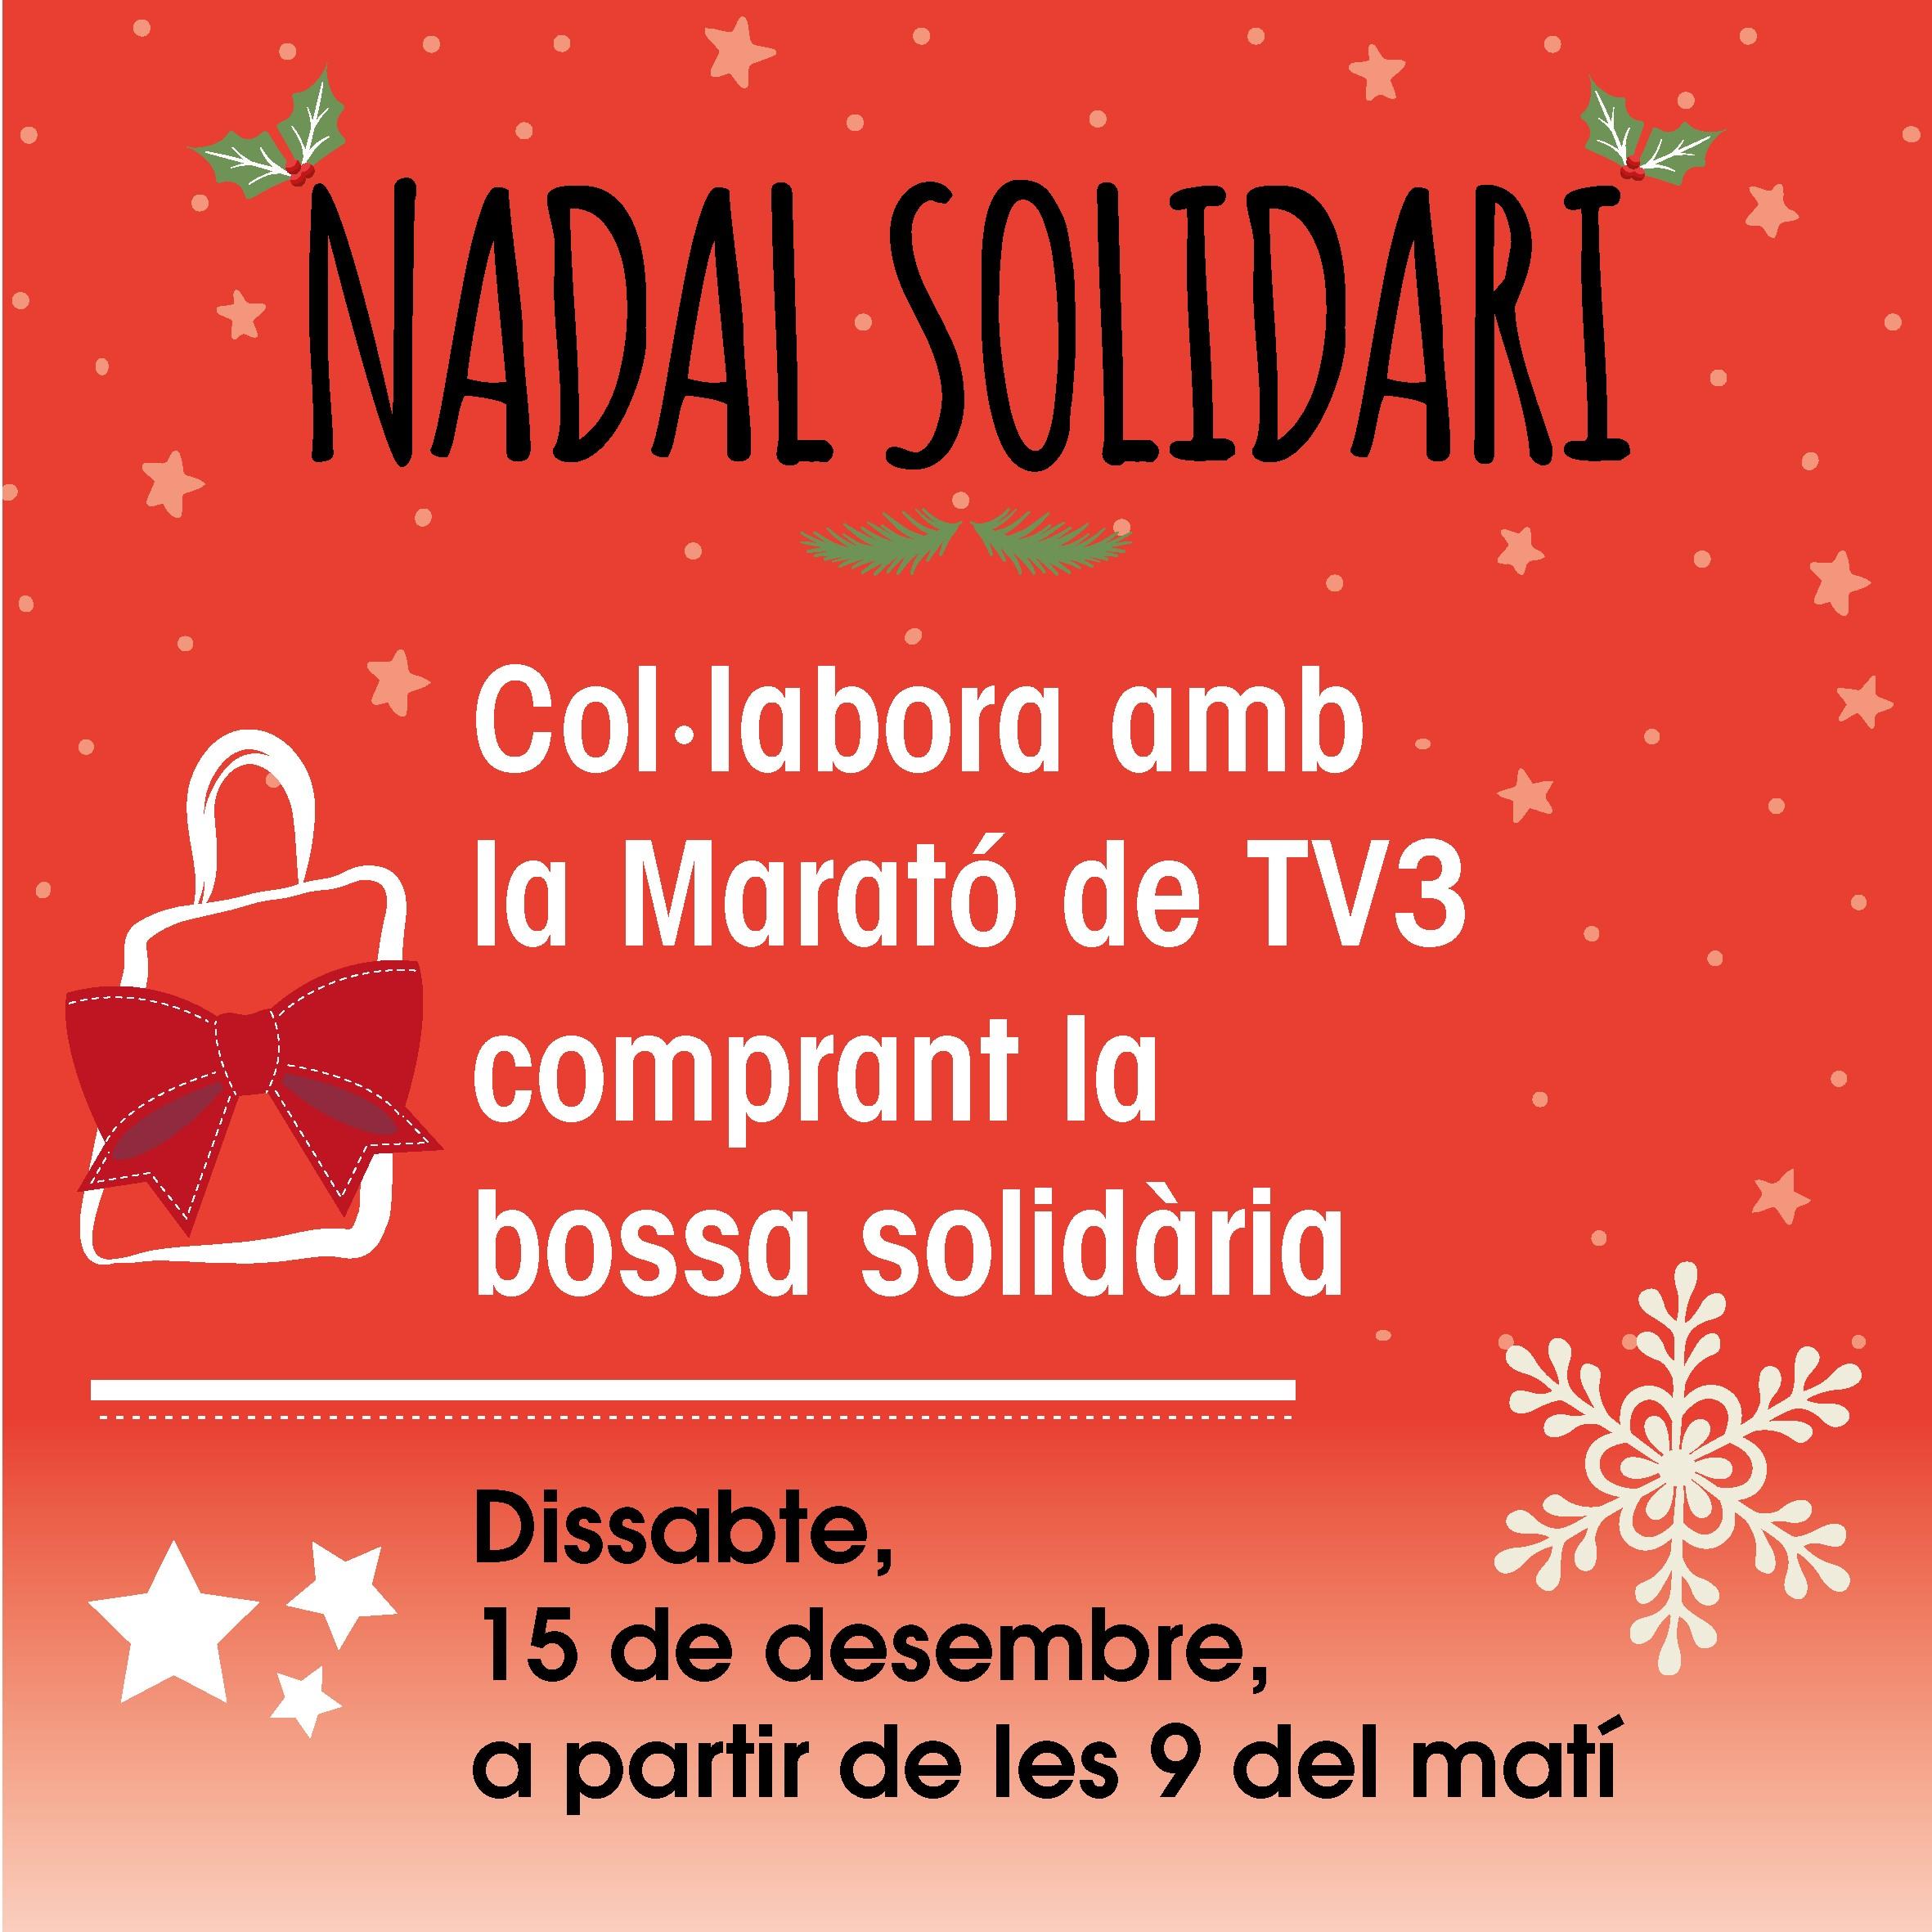 Bossa solidària a favor de la marató de TV3